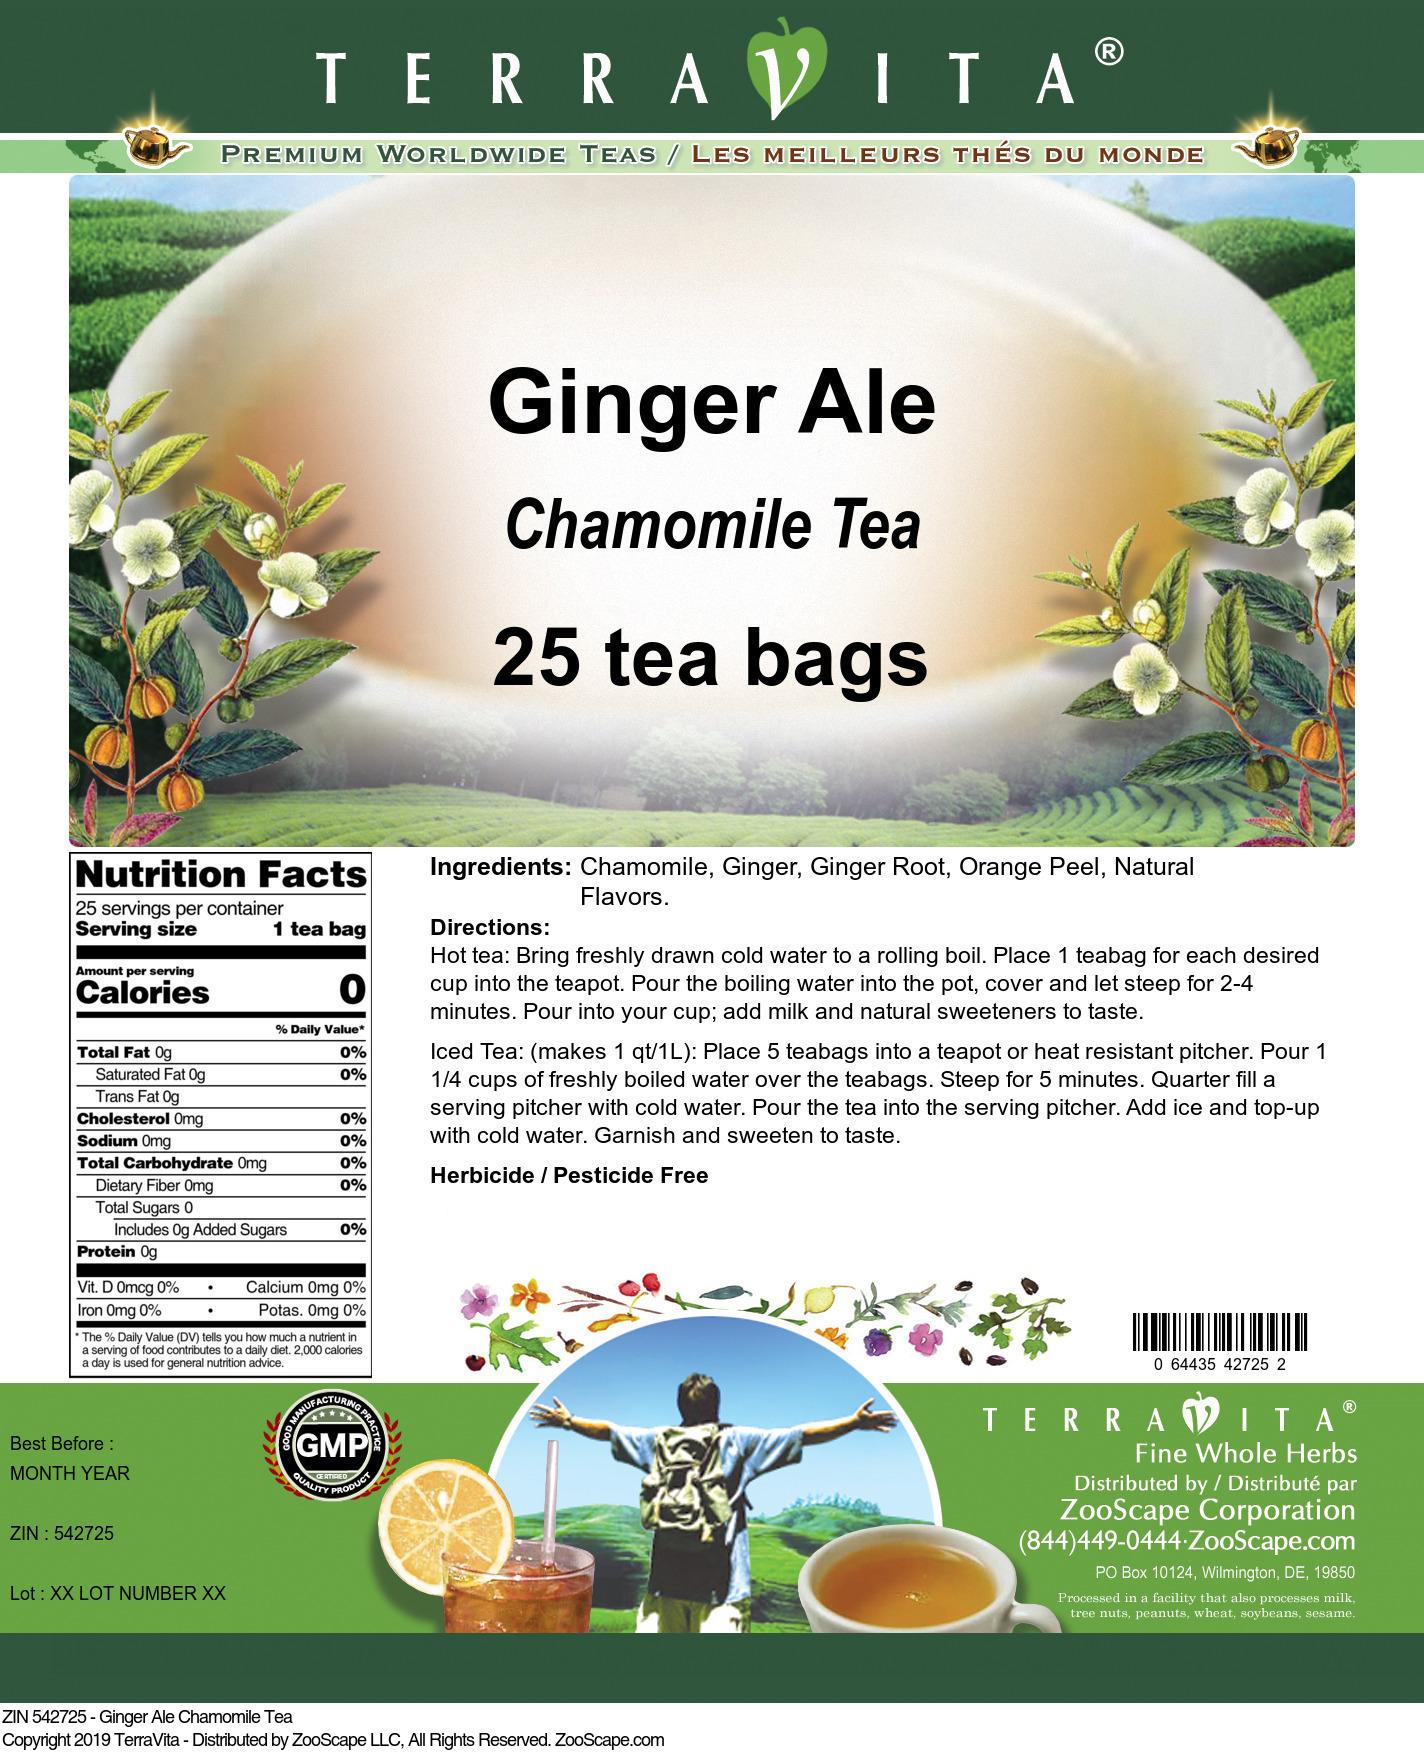 Ginger Ale Chamomile Tea